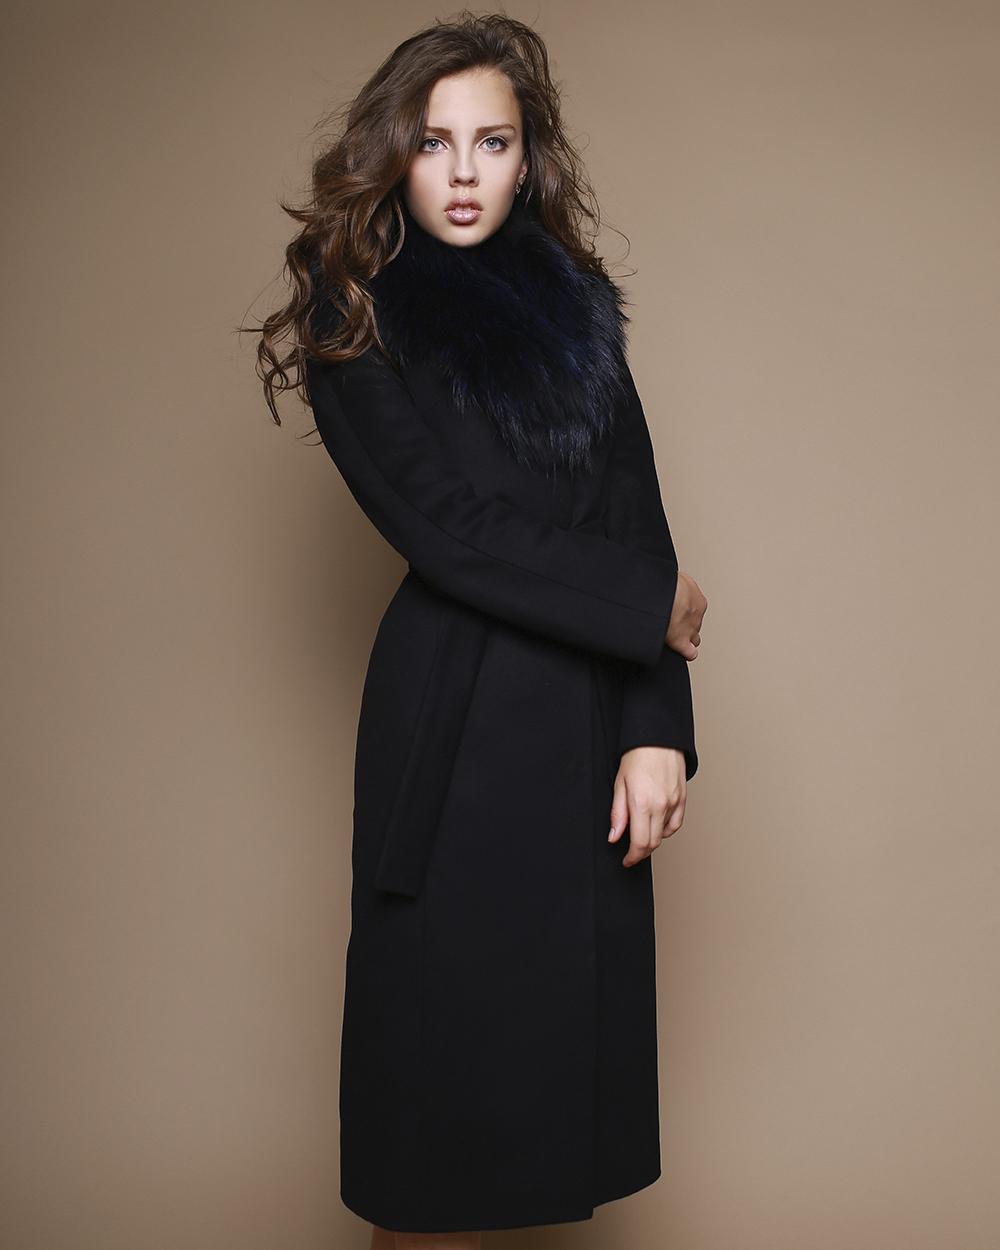 Сбор заказов. Дизайнерские пальто. Коллекция осень-зима 2015-2016 и распродажа